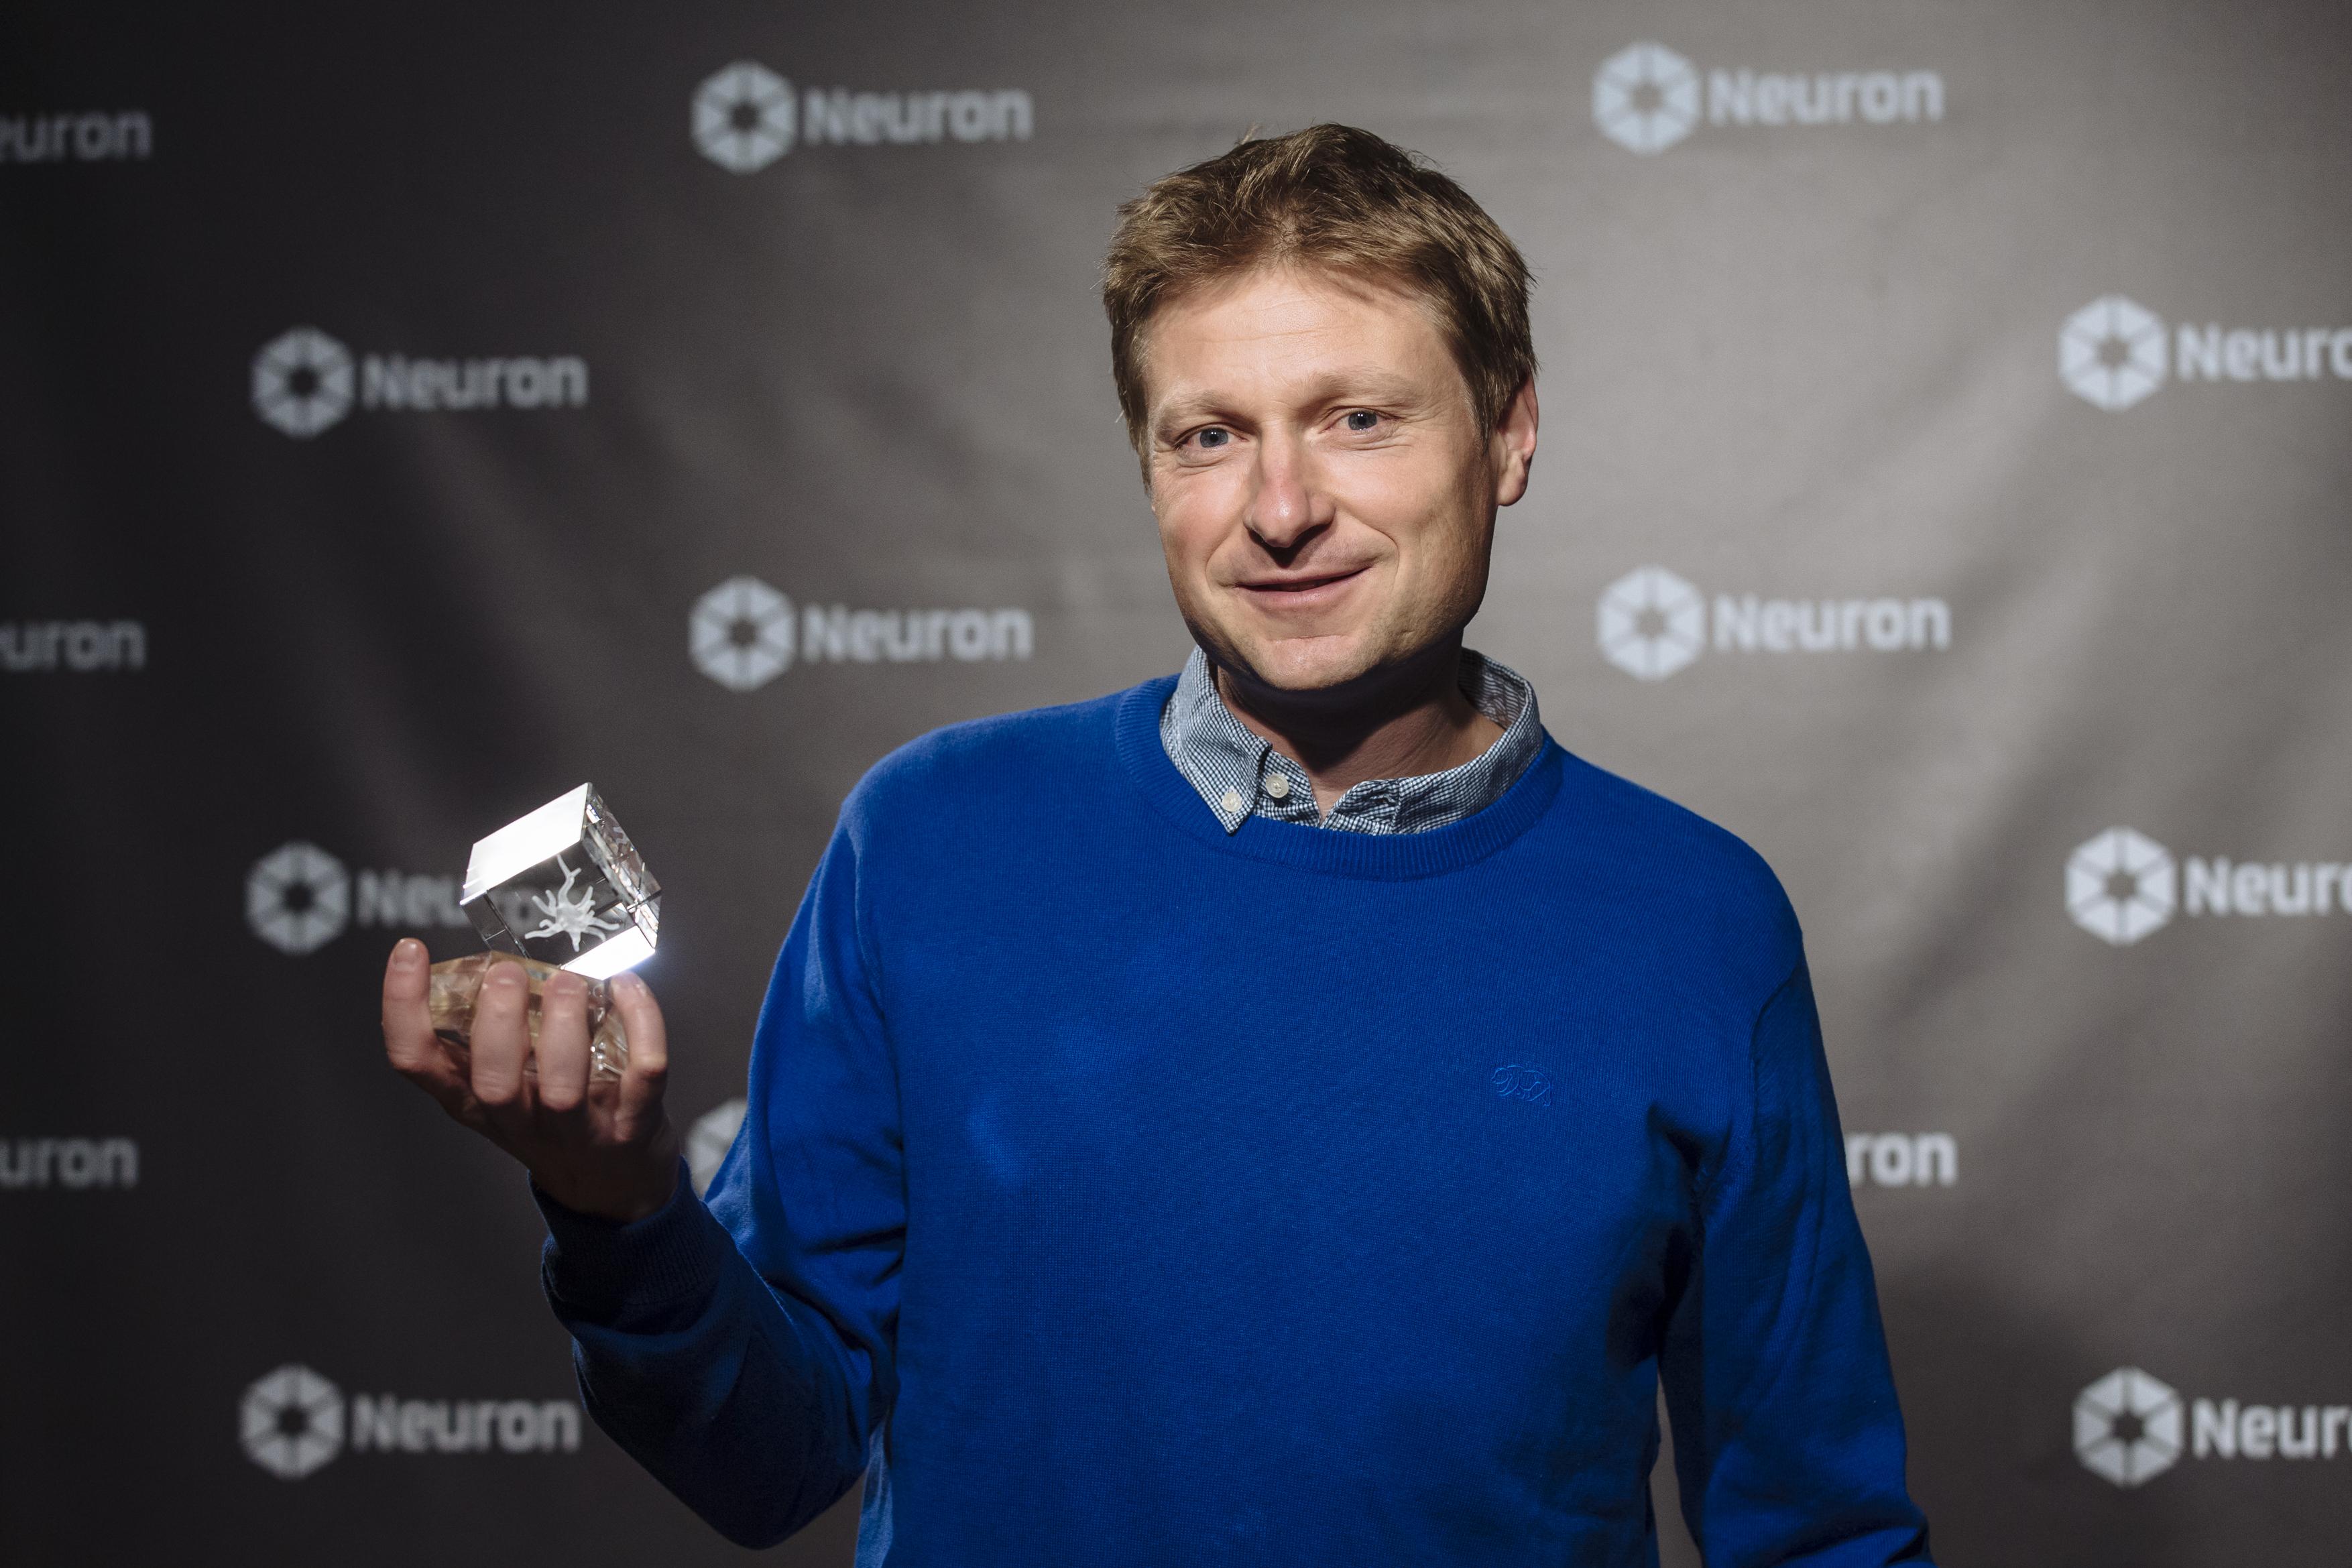 Nadační fond Neuron ocenil šestici mladých nadaných vědců